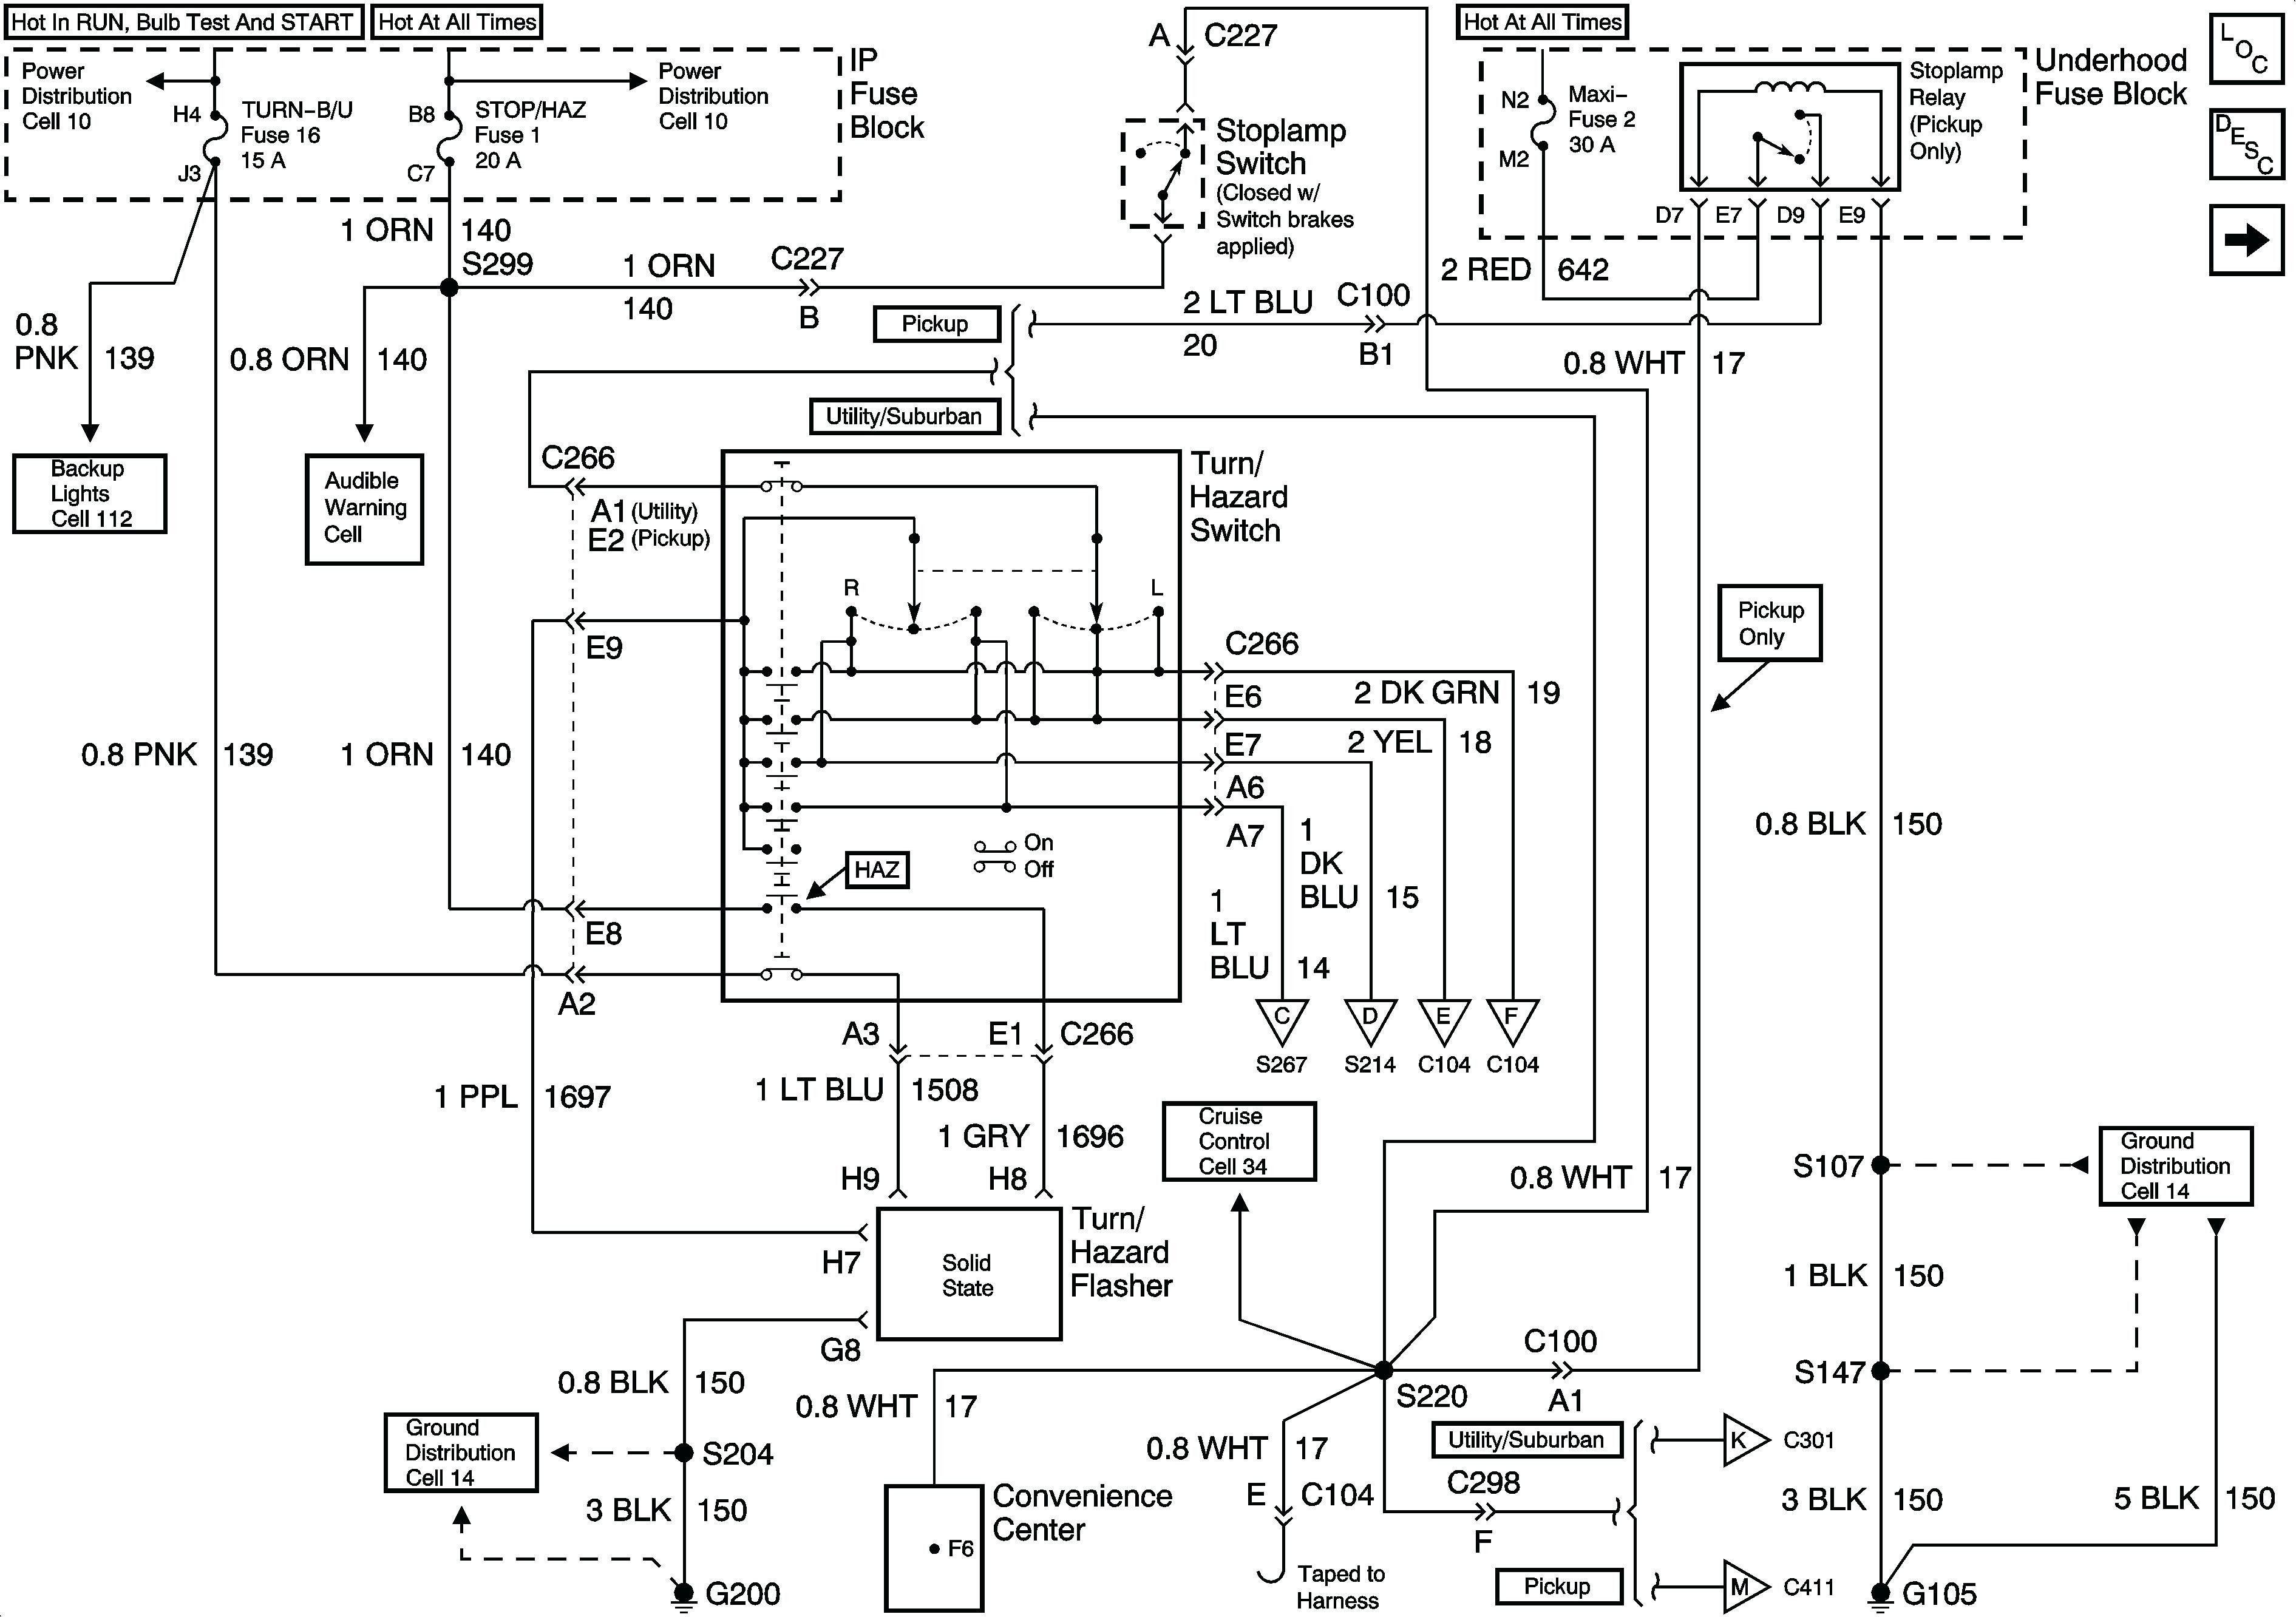 car ac wiring diagram pdf unique car ac wiring diagram pdf ac wiring  lighting diagram  unique car ac wiring diagram pdf ac